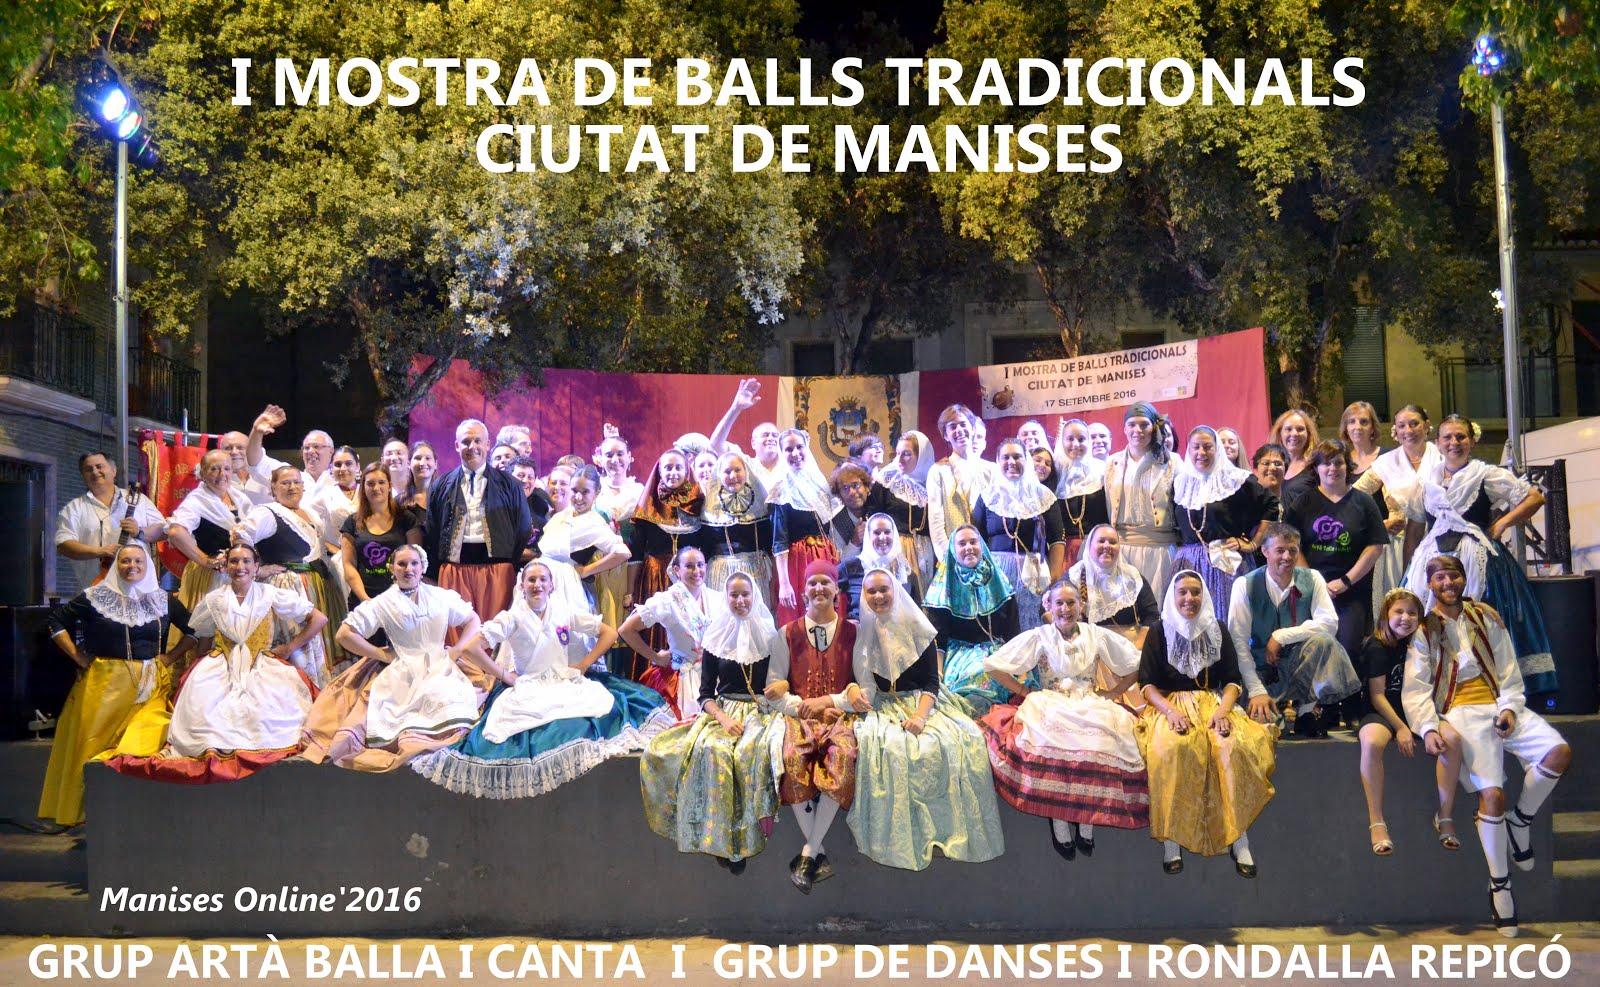 17.09.16 PRIMERA MOSTRA DE BALLS TRADICIONALS CIUTAT DE MANISES